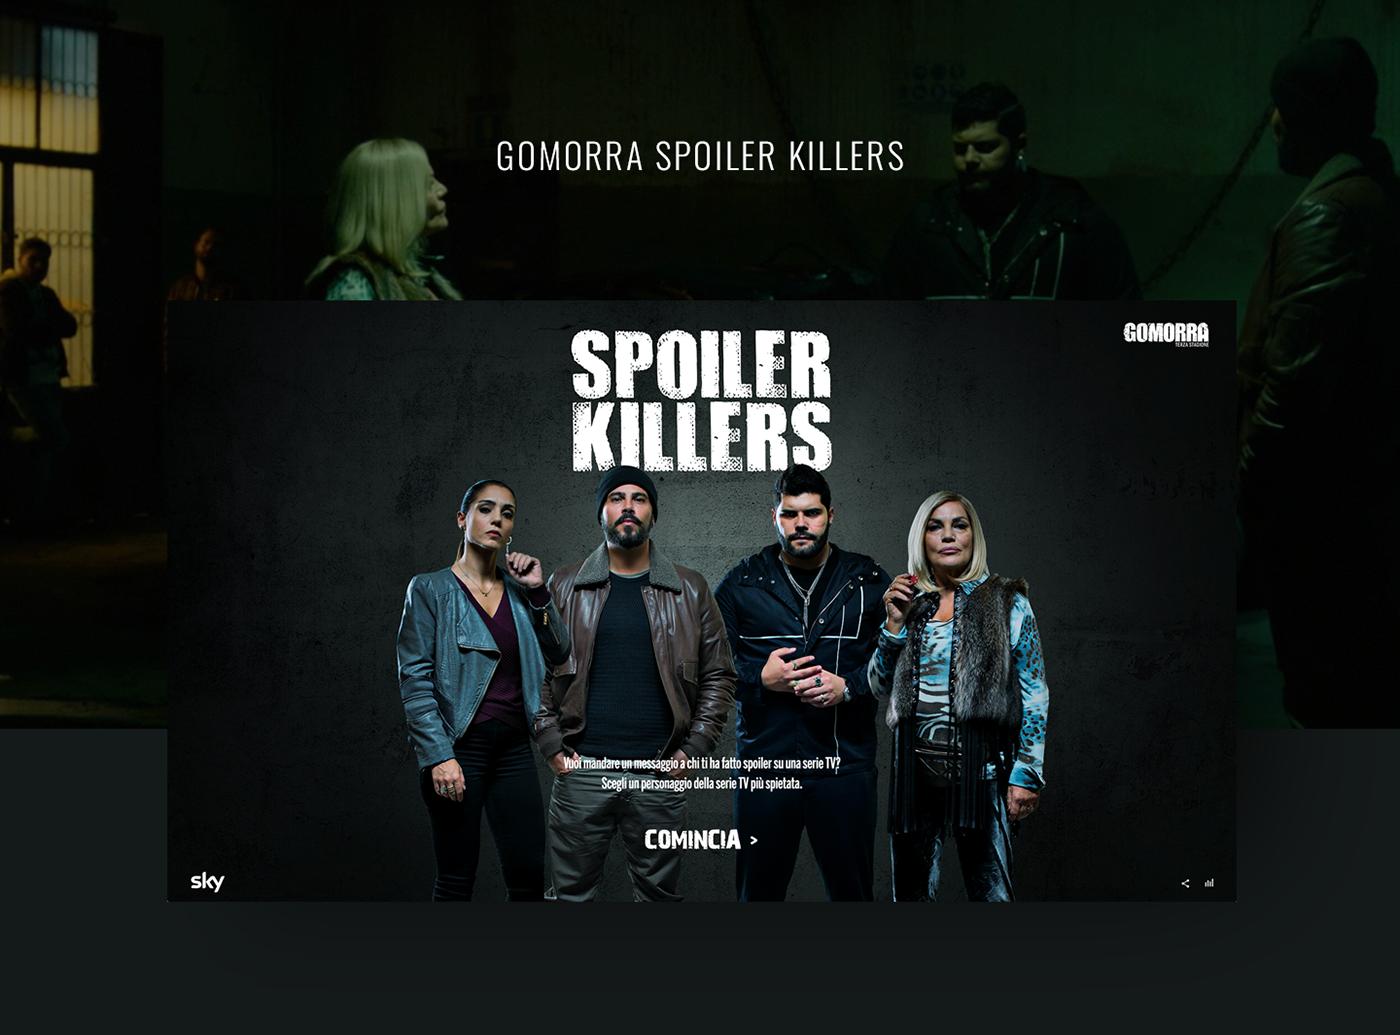 gomorra gomorrah spoiler tv series SKY interaction UI ux